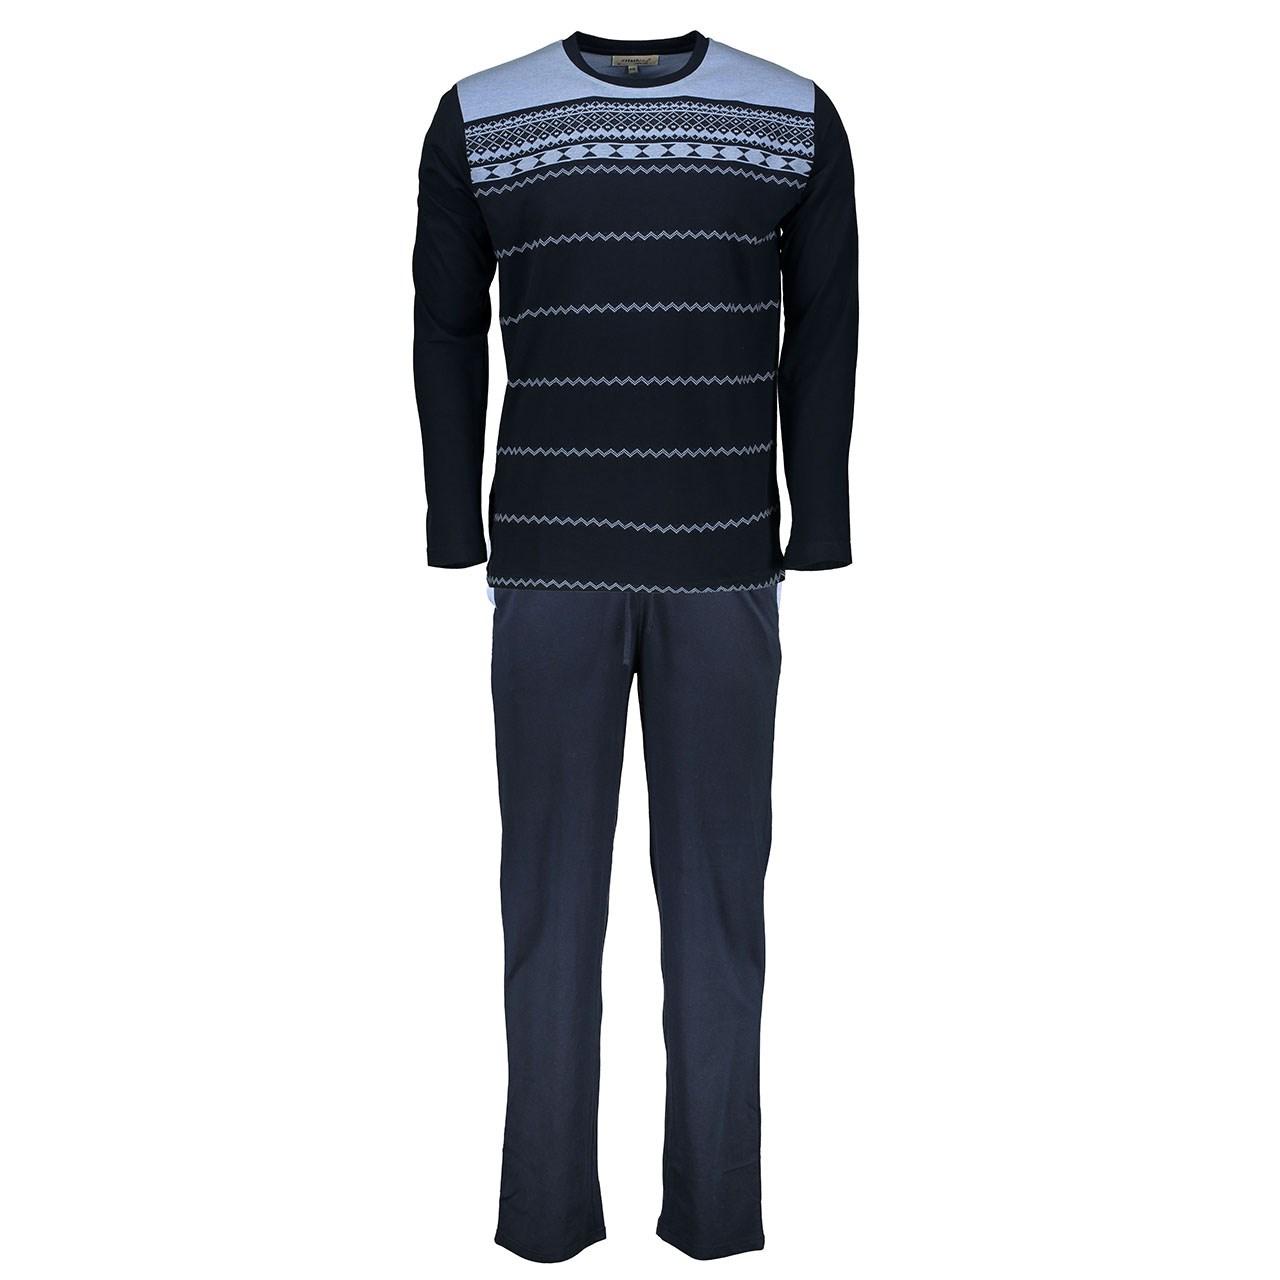 تی شرت و شلوار  مردانه  پی جامه مدل 5638